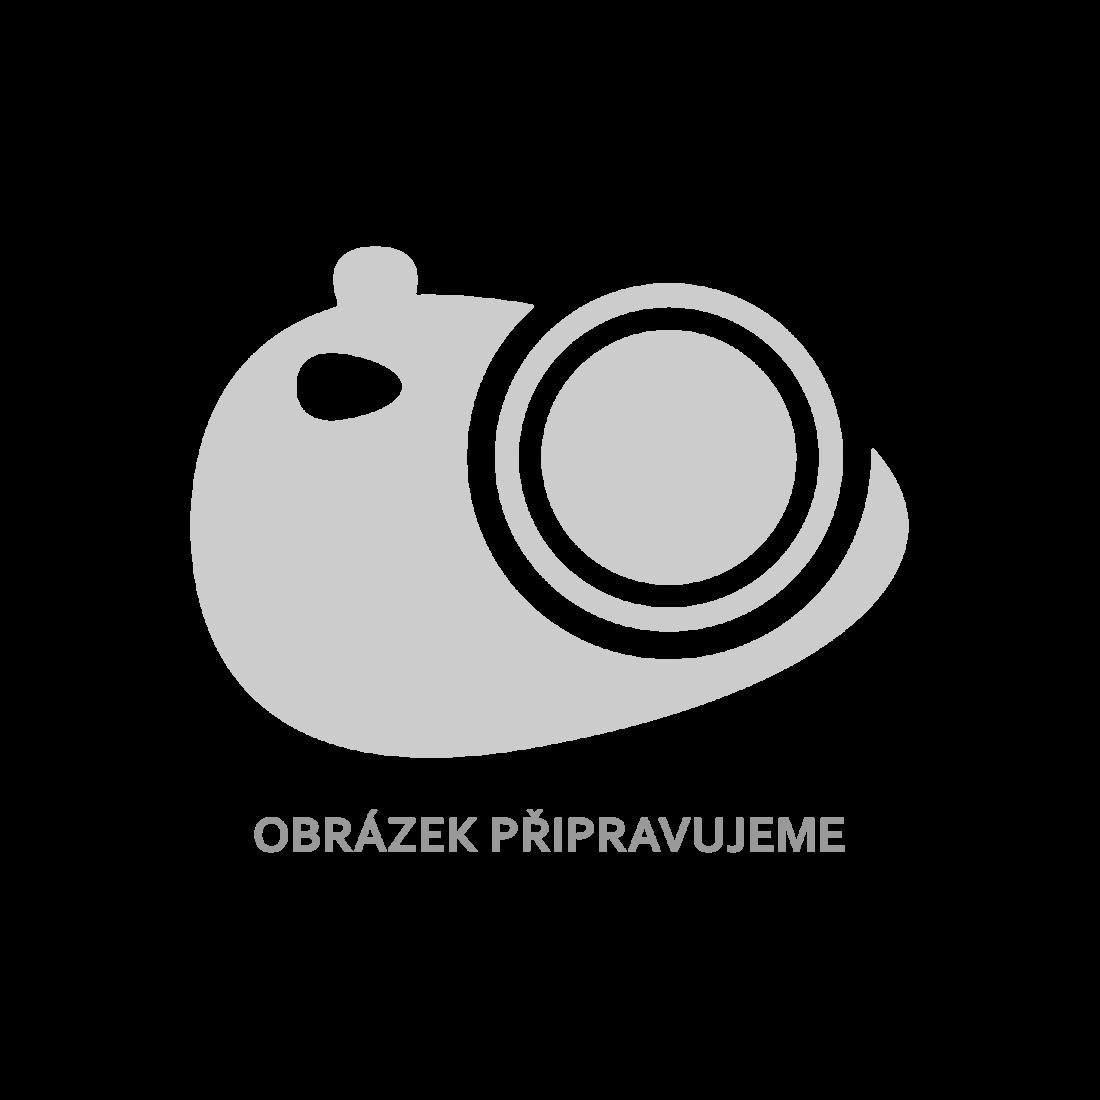 vidaXL Skříň do kanceláře se 2 dvířky ocelová 90 x 40 x 180 cm šedá [145362]